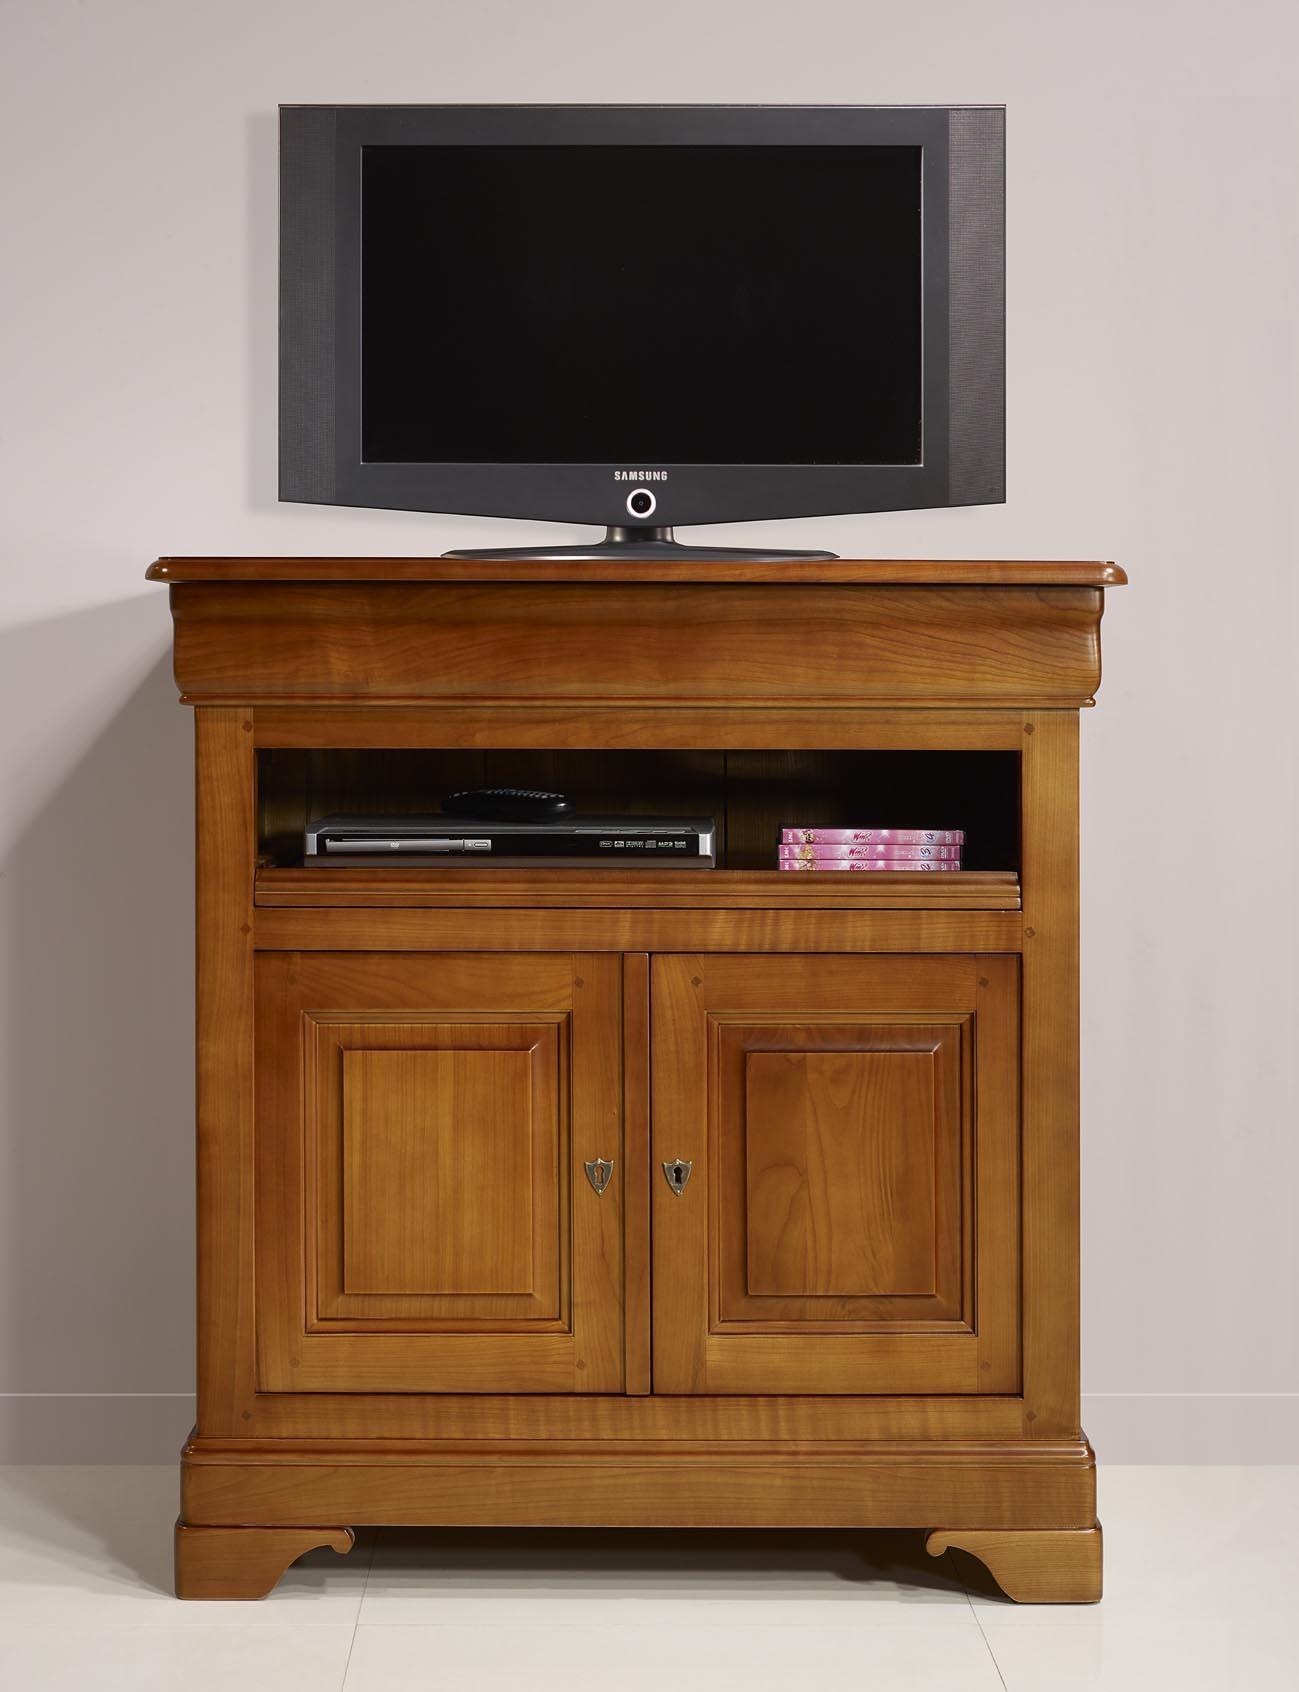 Meuble tv 2 portes le en merisier massif de style louis philippe meuble en - Meuble facilite de paiement ...